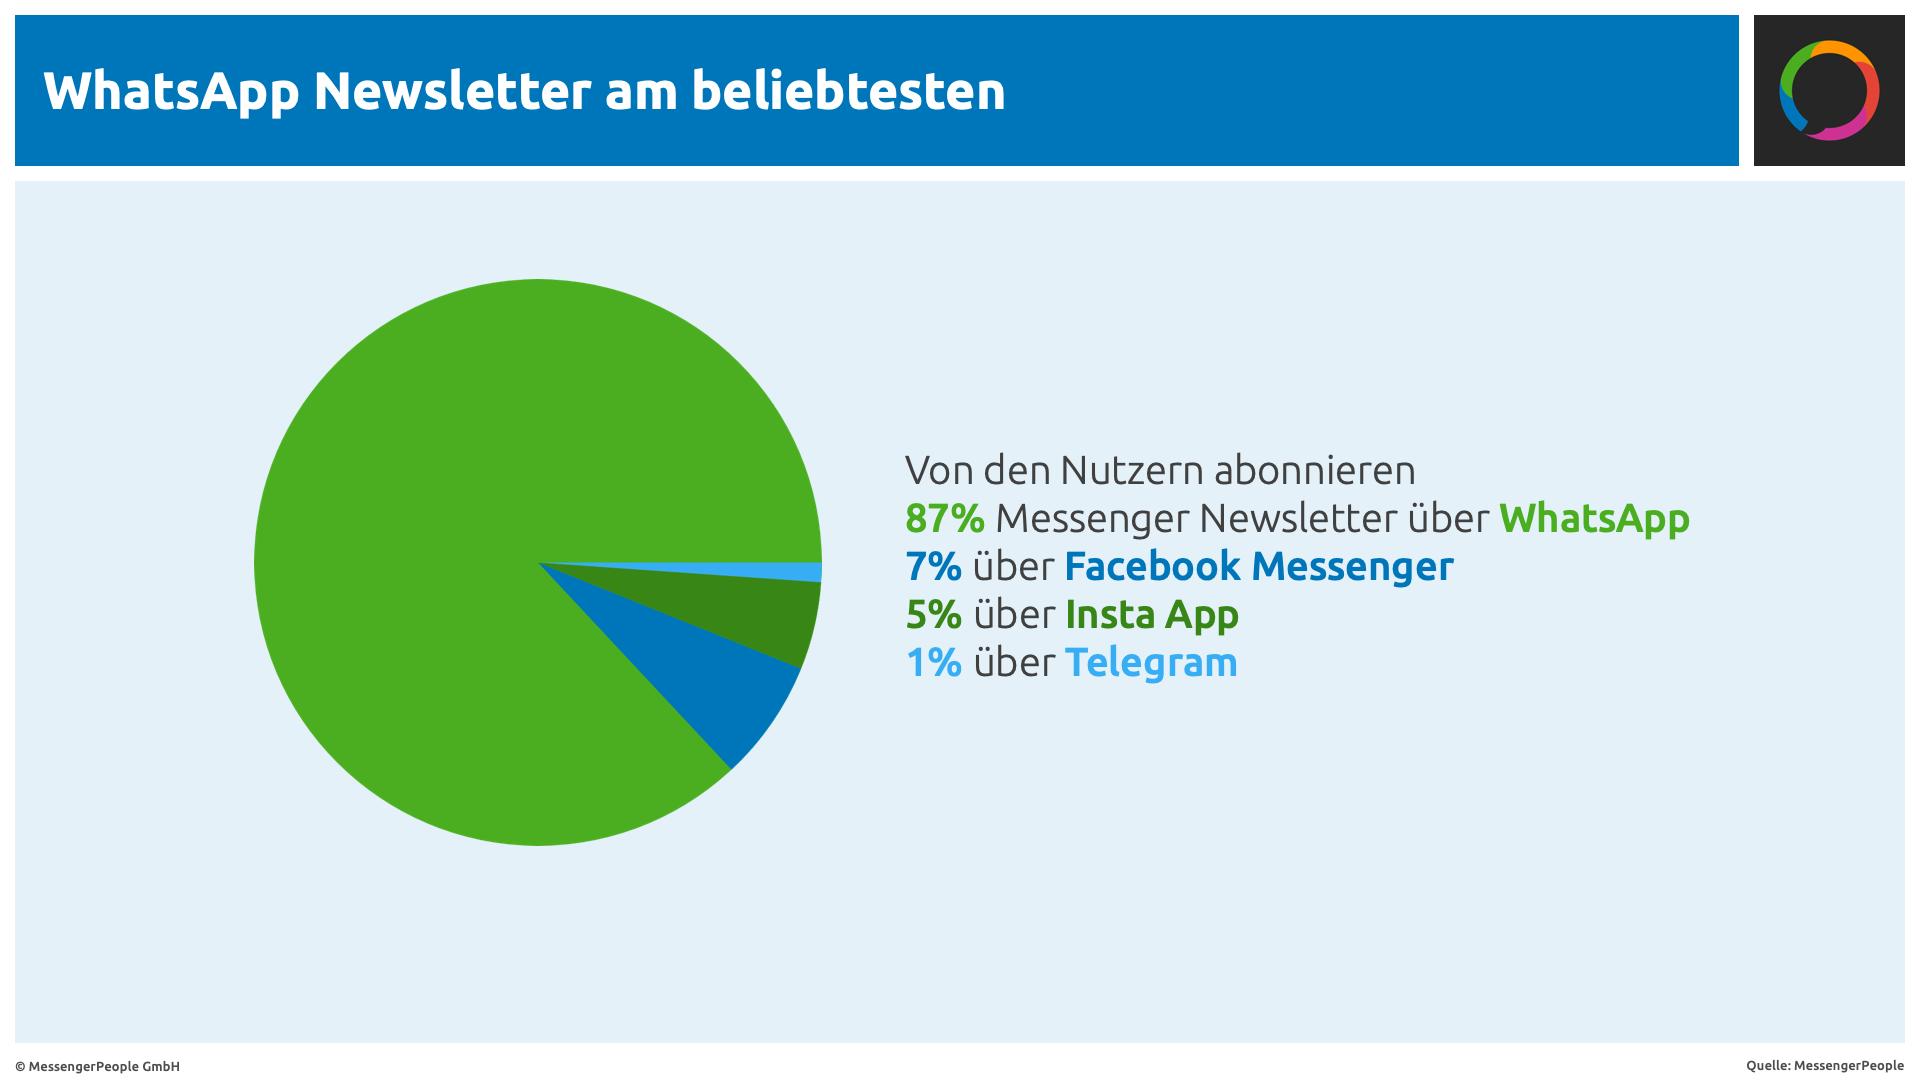 Beliebteste Messenger WhatsApp MessengerPeople Studie 2018